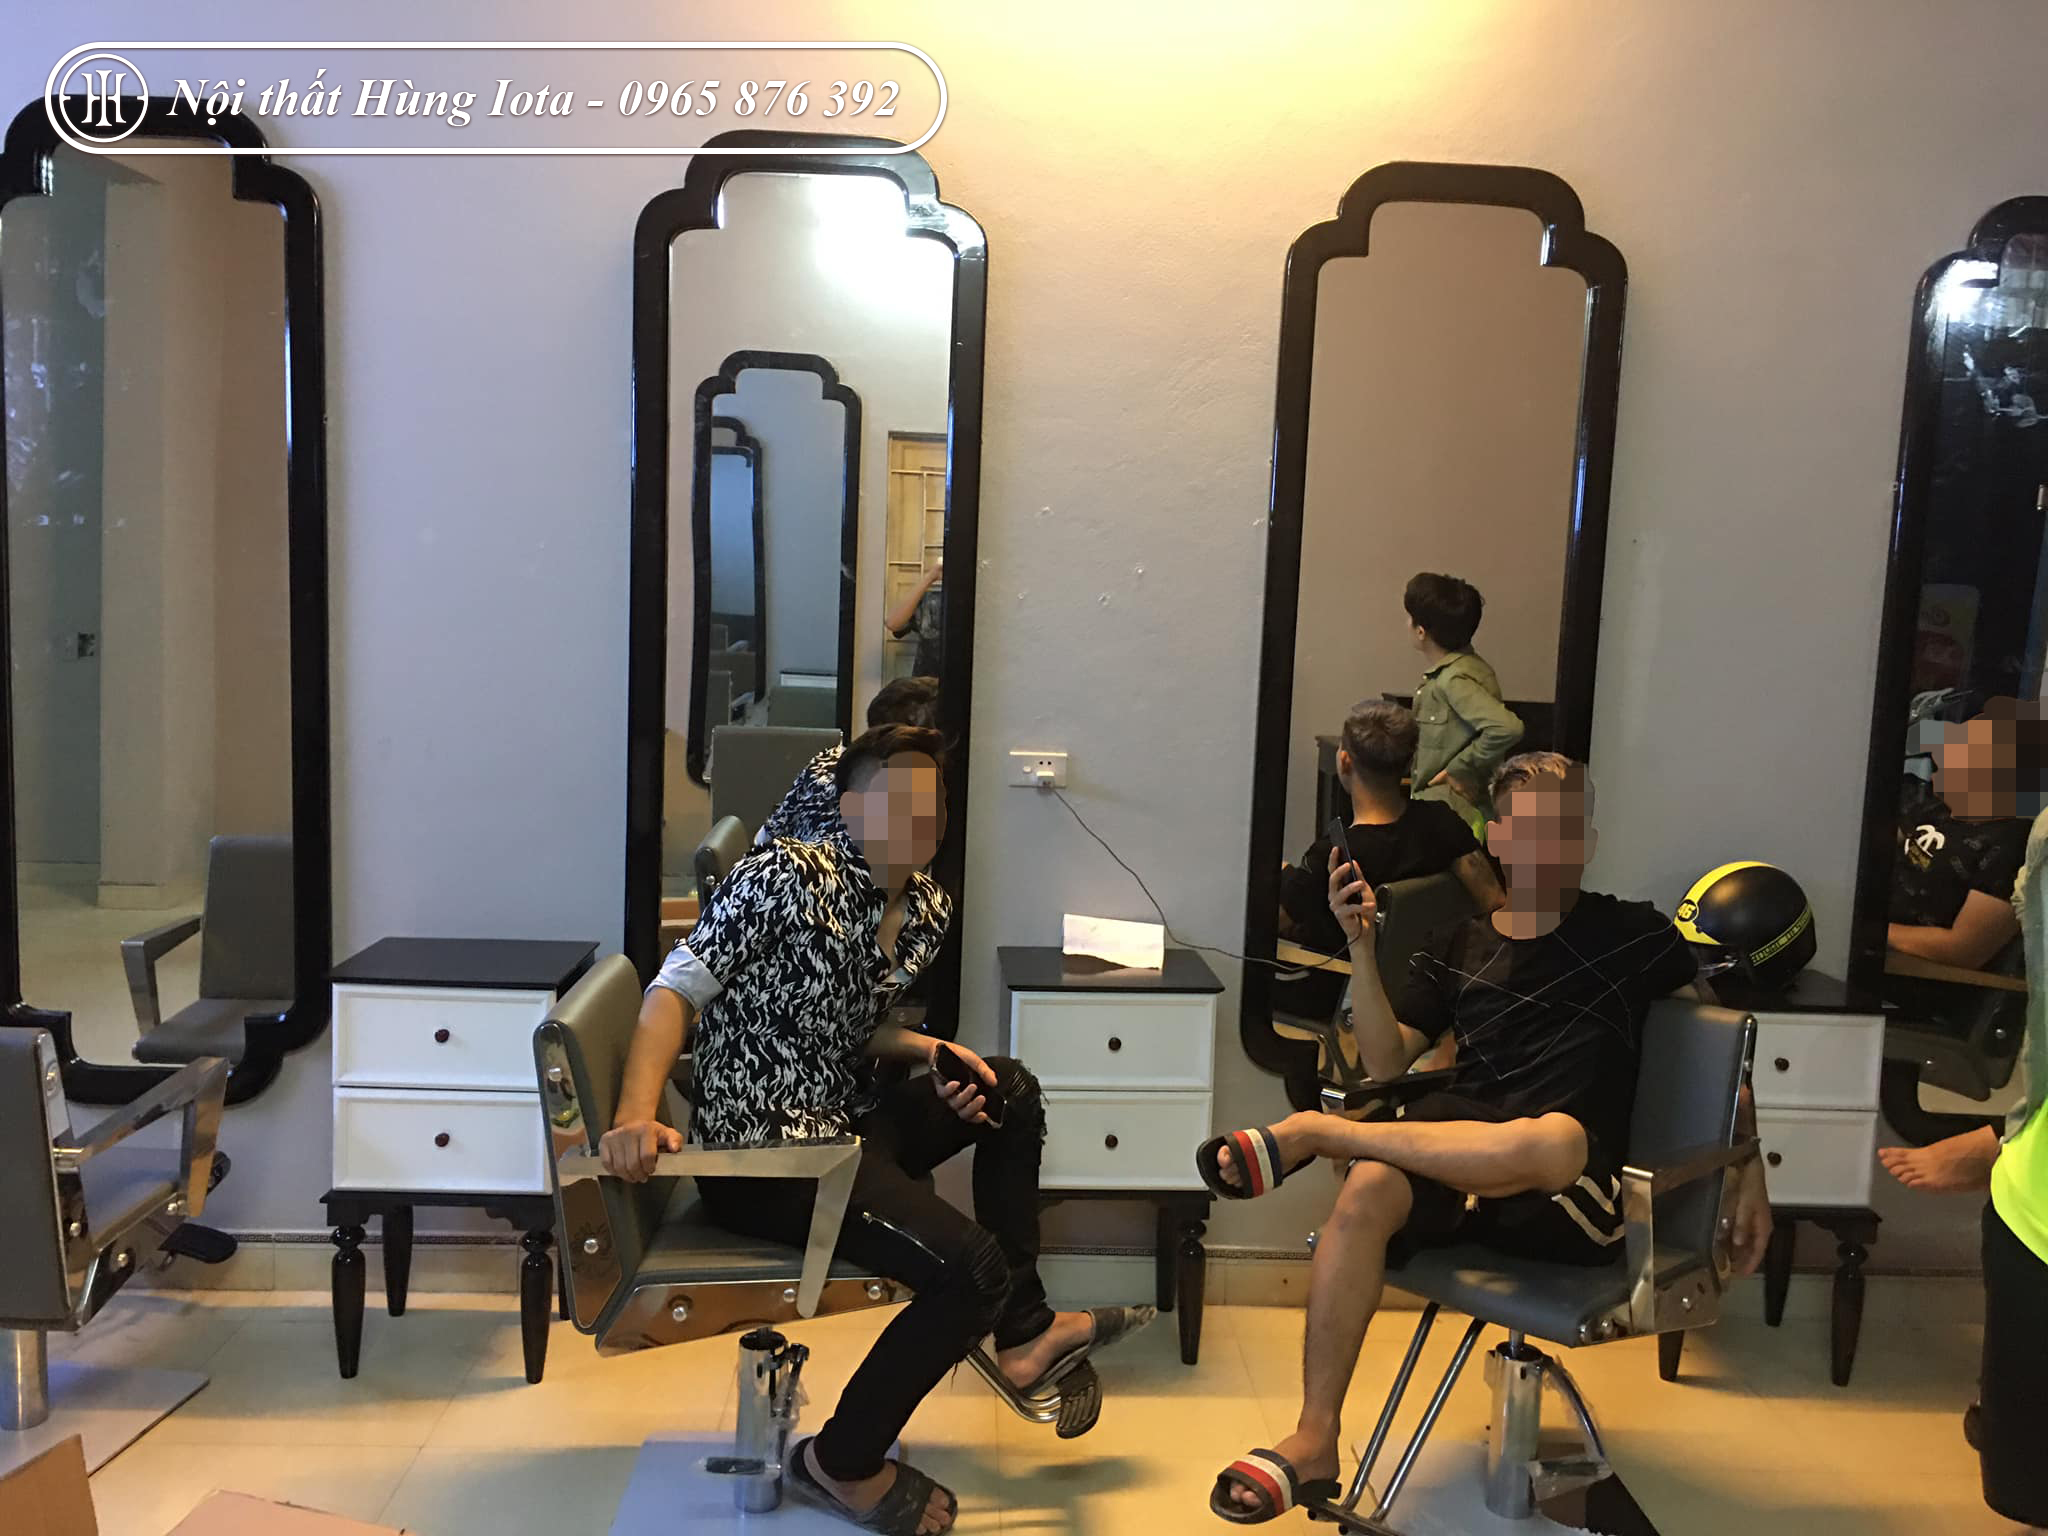 Lắp đặt gương cắt tóc hình chữ nhật khung gỗ vuông 4 đầu